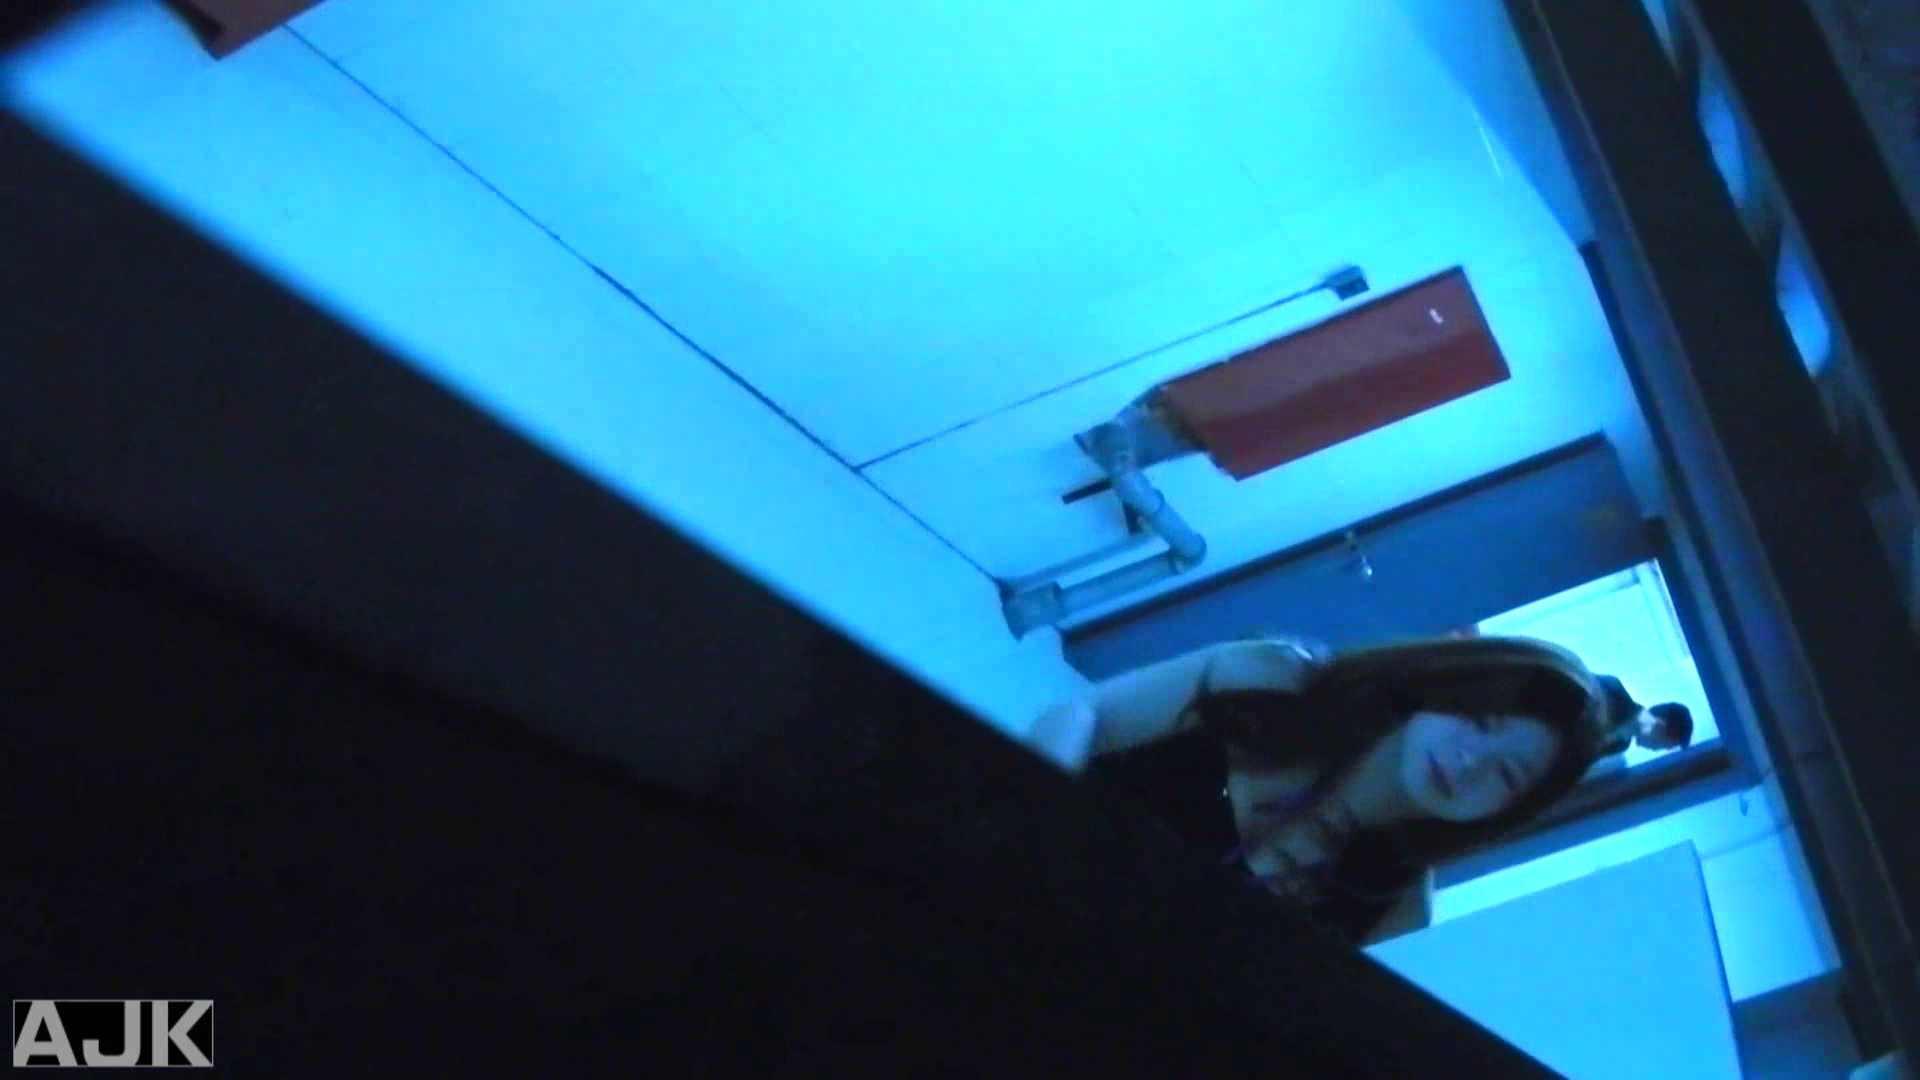 隣国上階級エリアの令嬢たちが集うデパートお手洗い Vol.24 マンコ おまんこ動画流出 82画像 26